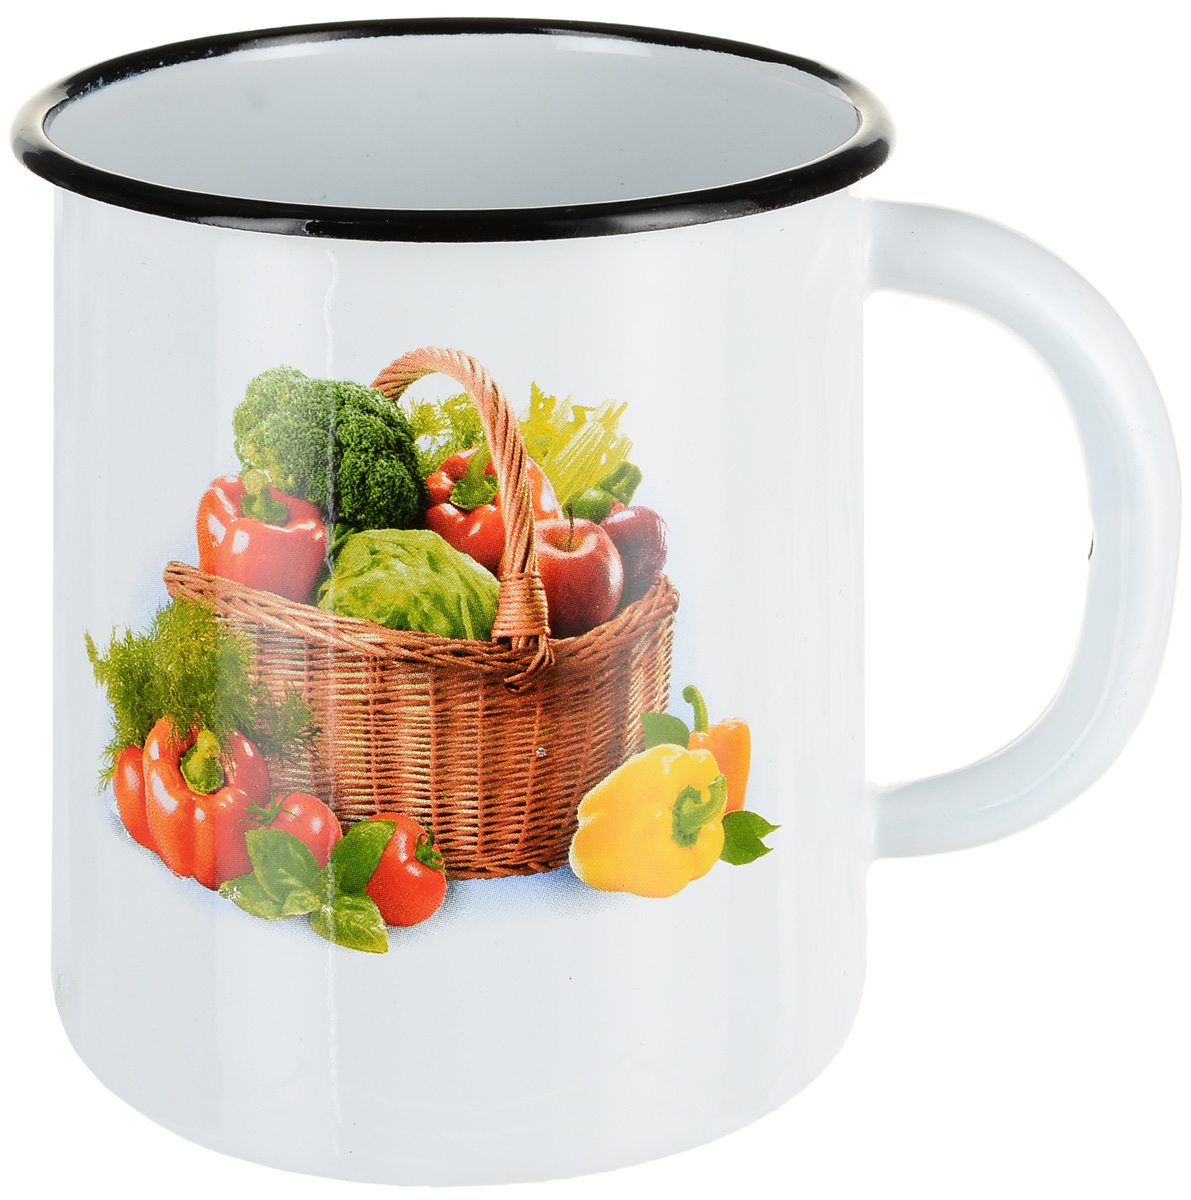 Кружка эмалированная СтальЭмаль Овощи, цвет: белый, 1 л кастрюля эмалированная 2 0 л стальэмаль луговые цветы 3rc161m